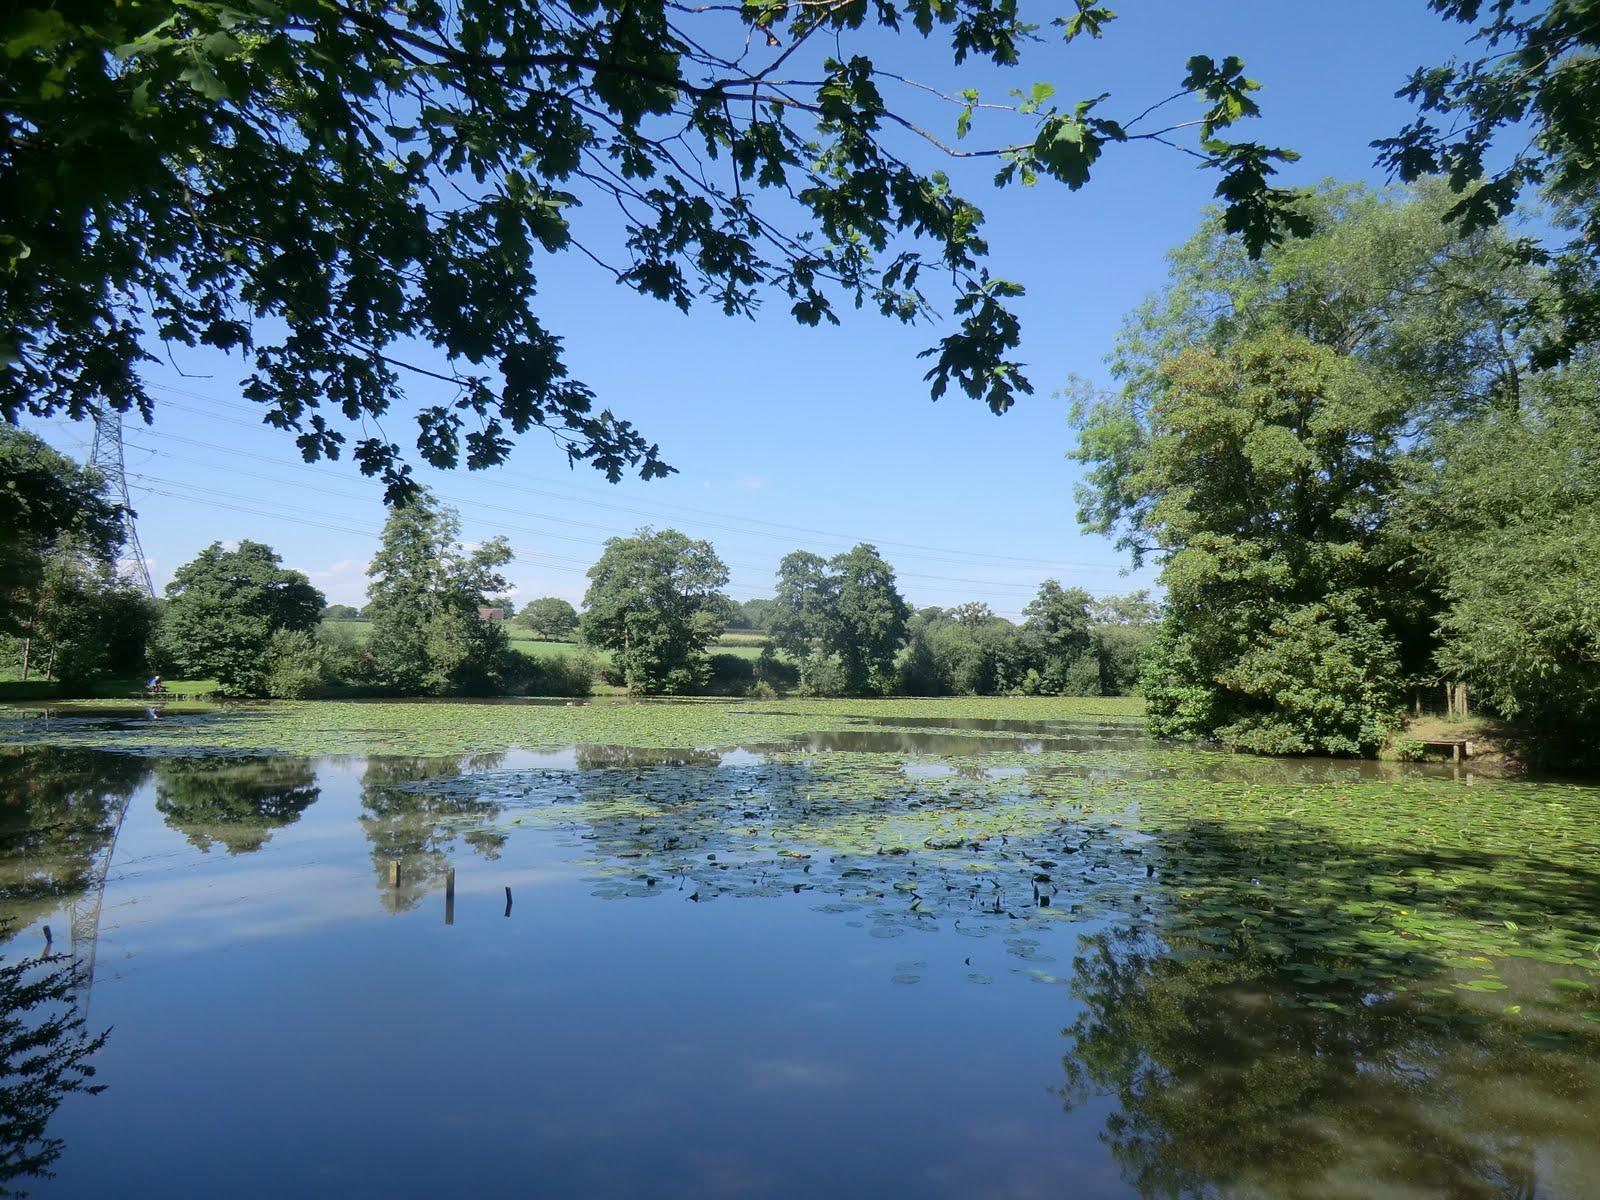 CIMG3359 Valebridge Mill Pond